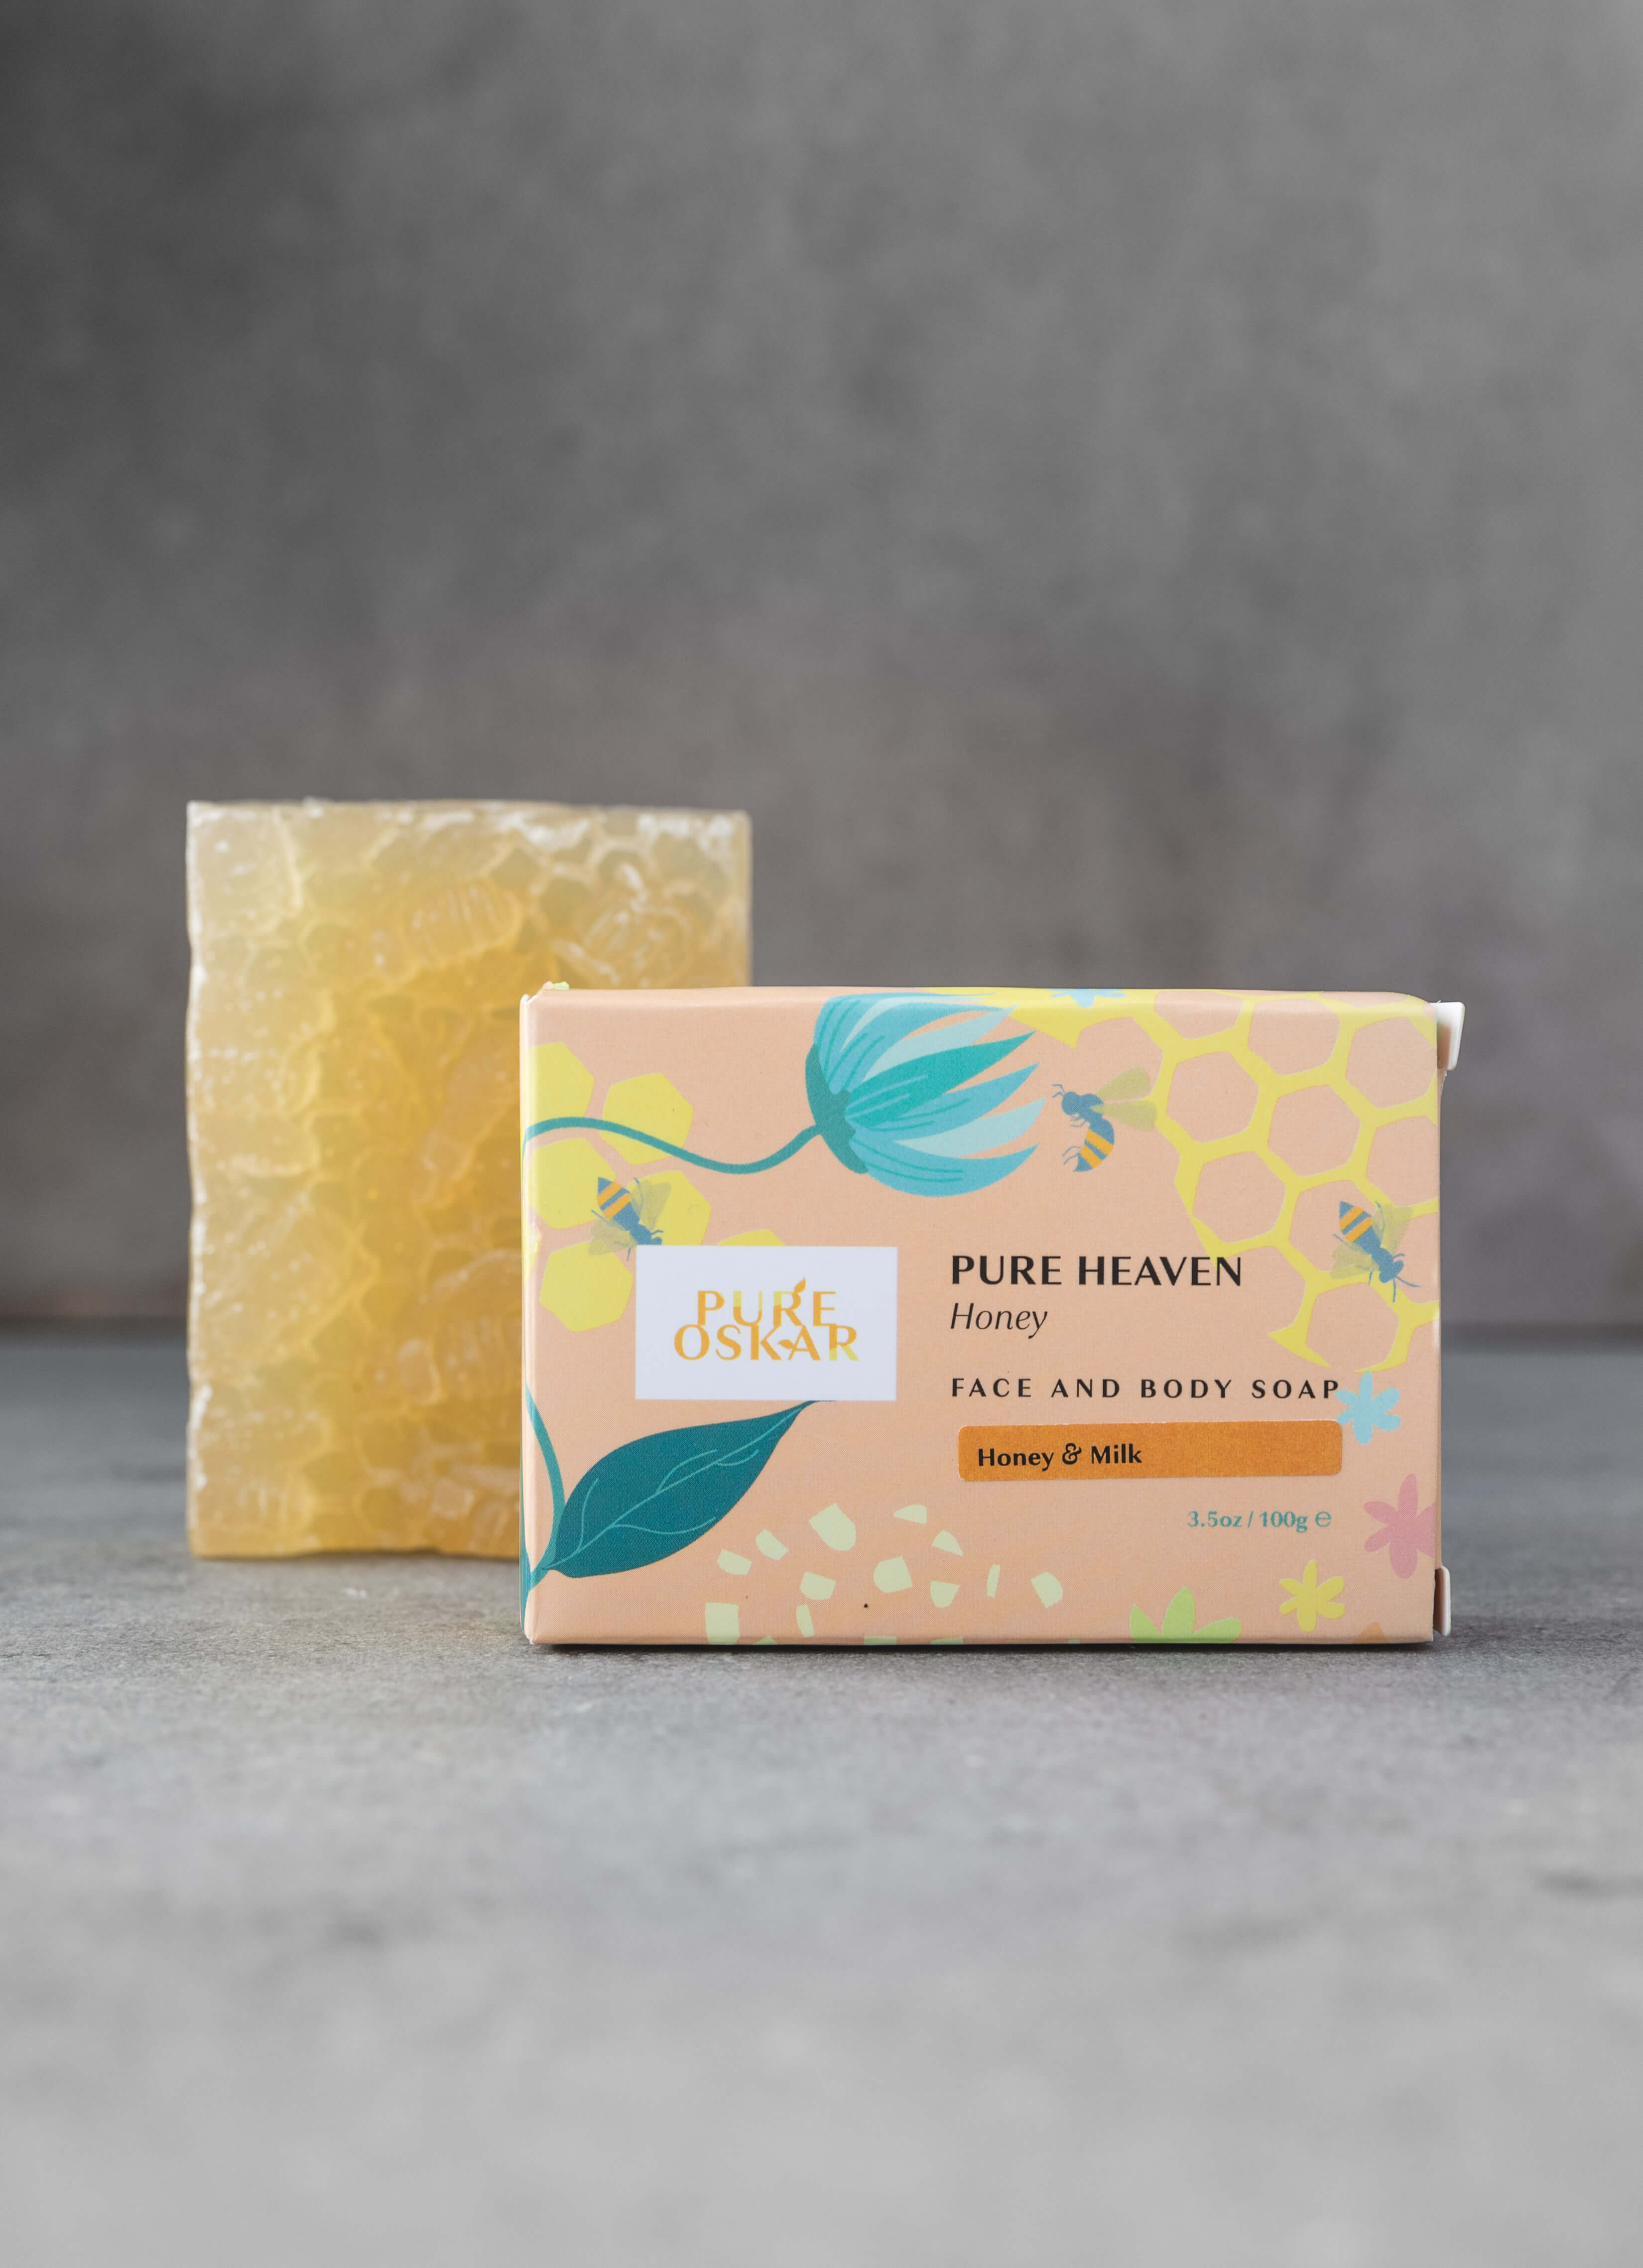 Pure Heaven Honey Soap Image